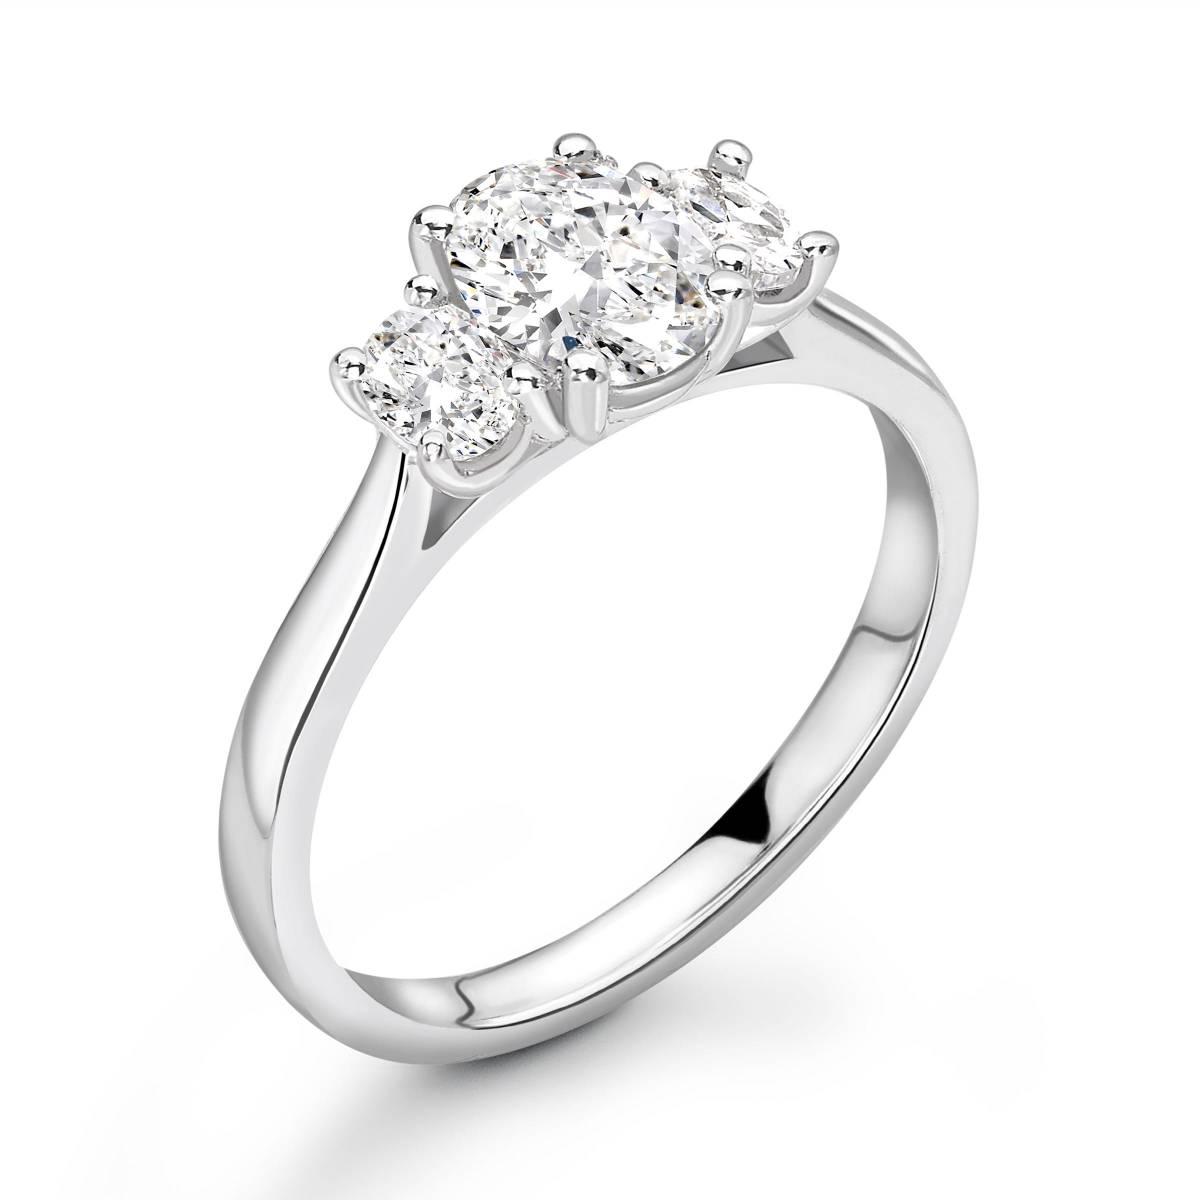 Jewels by Christiaan Van Bignoot - House of Weddings - 9